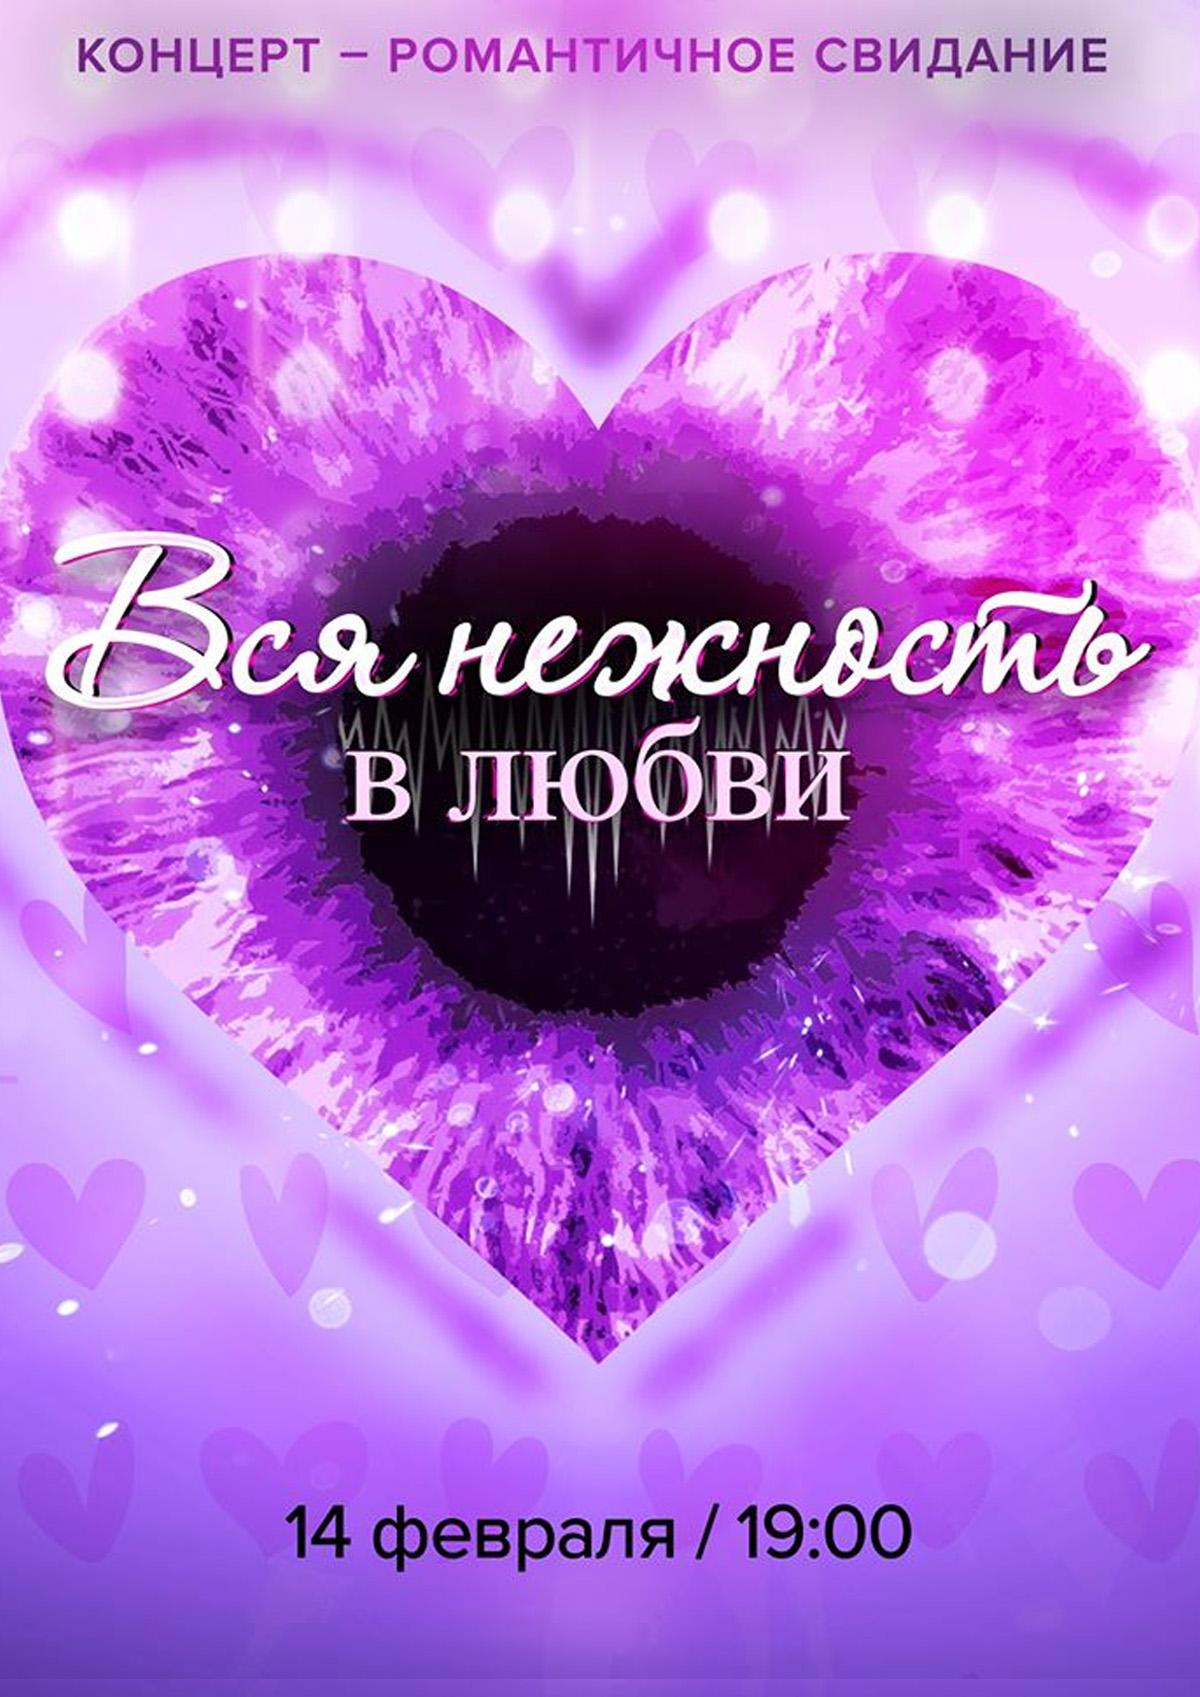 14.02. Вся нежность в Любви